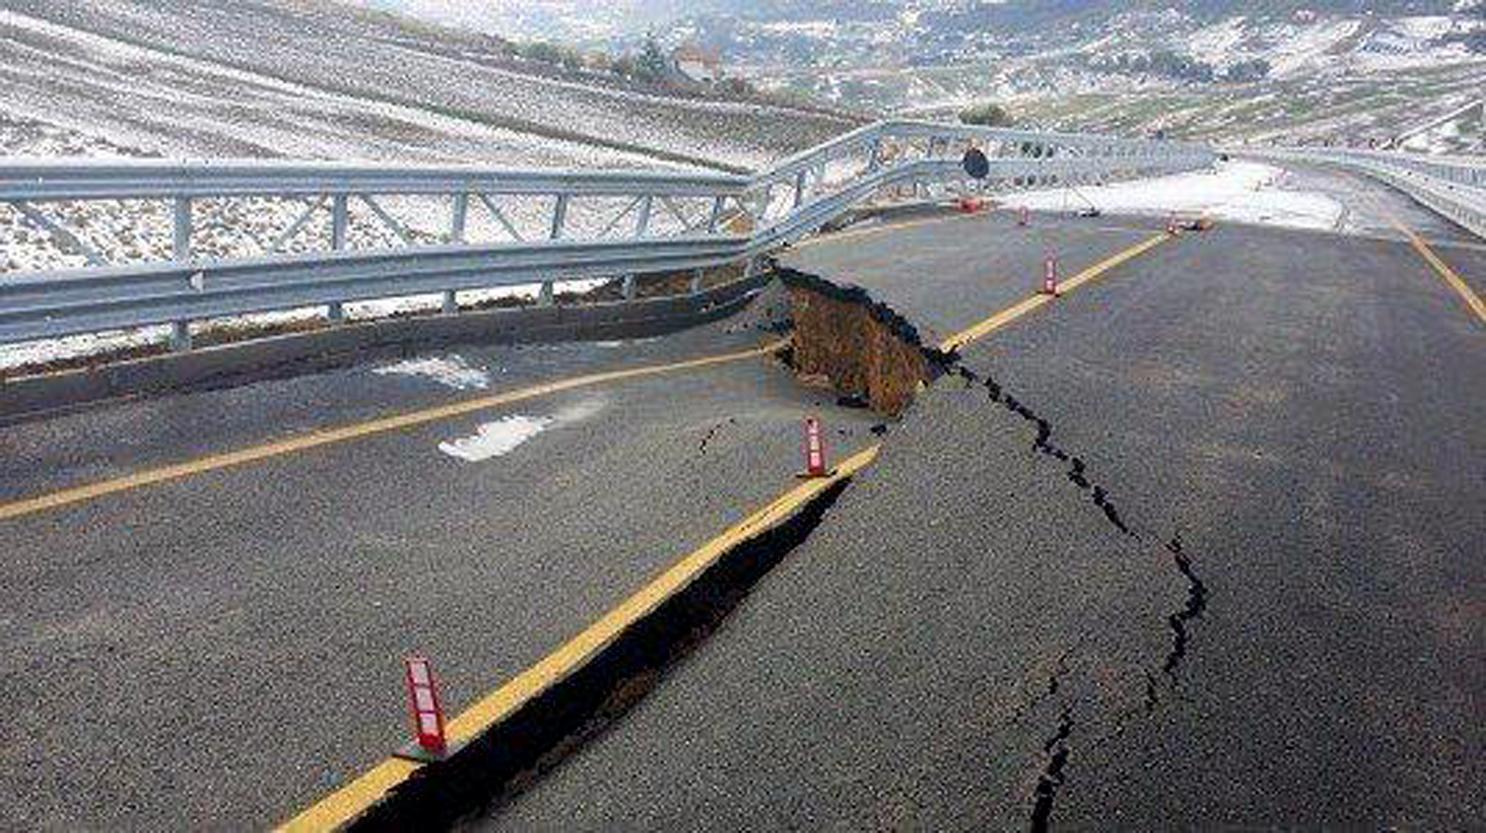 … e intanto sulla strada Palermo-Agrigento si continua a morire/ MATTINALE 123